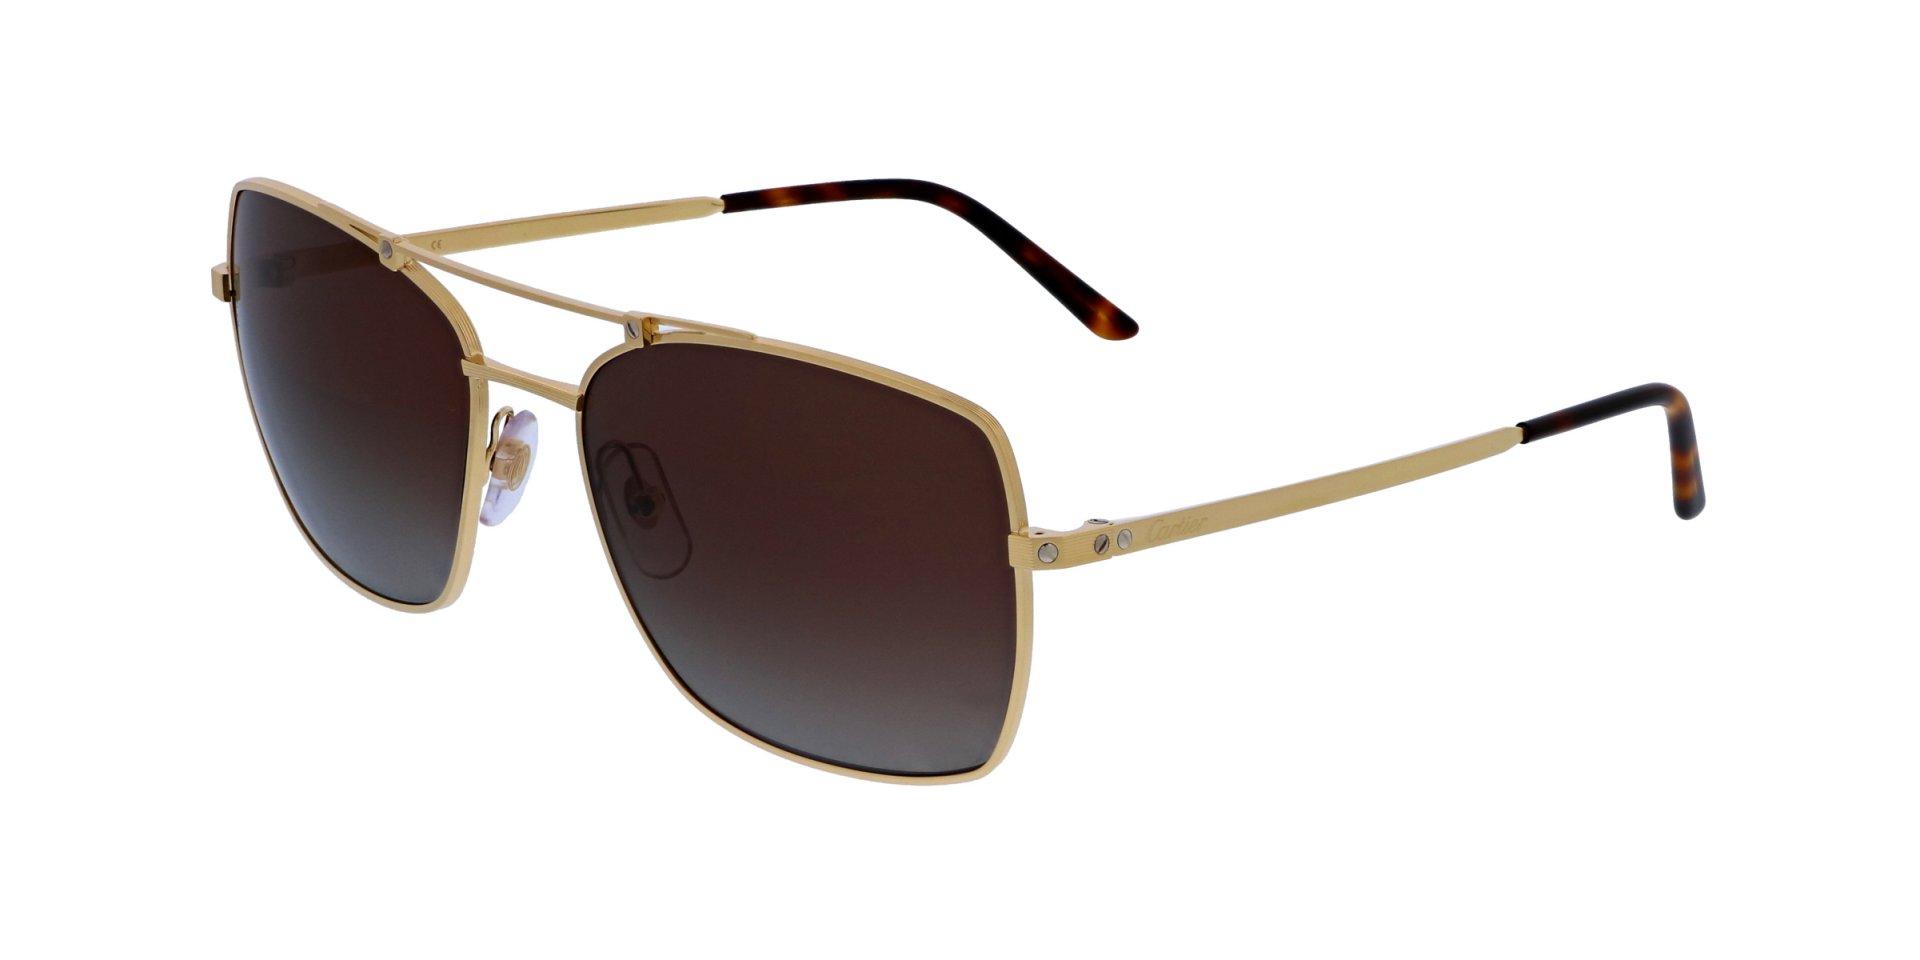 35cac0cf34 Sunglasses CARTIER